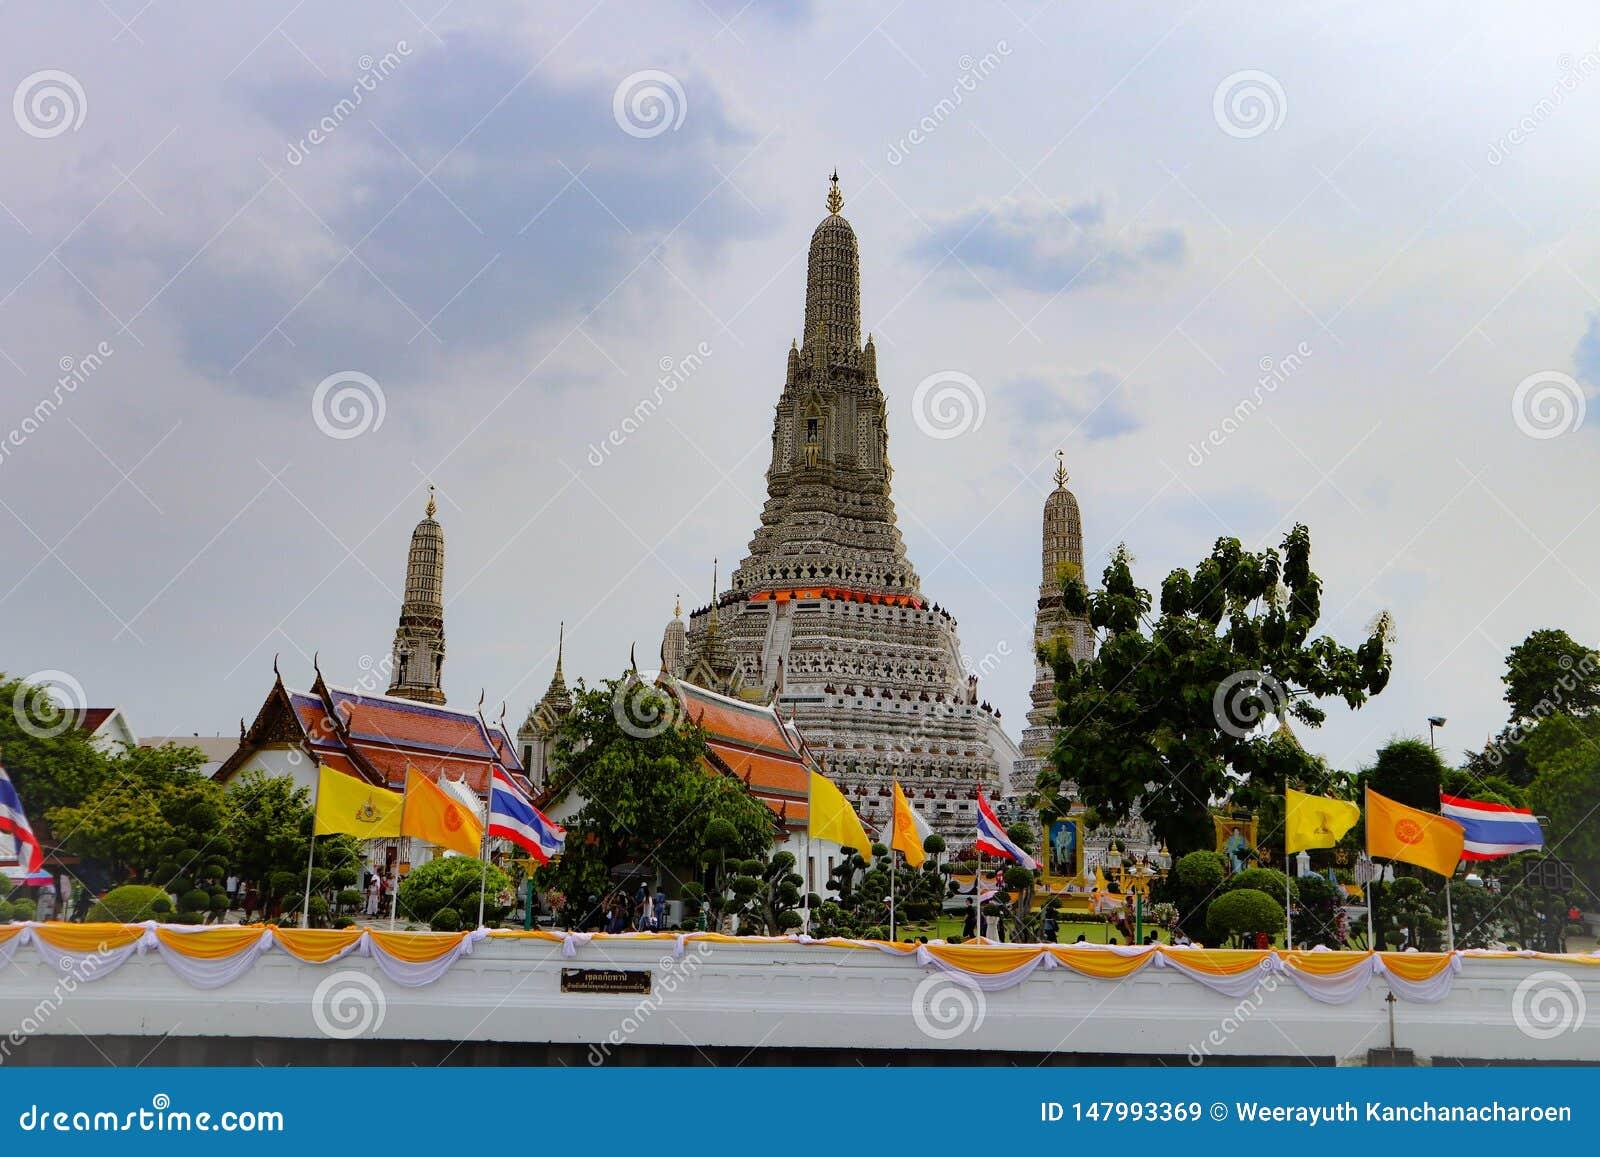 Bangkok, Tailandia - 18 de mayo de 2019: Sit?an a Wat Arun, localmente conocido como Wat Chaeng, en el banco del oeste de Thonbur